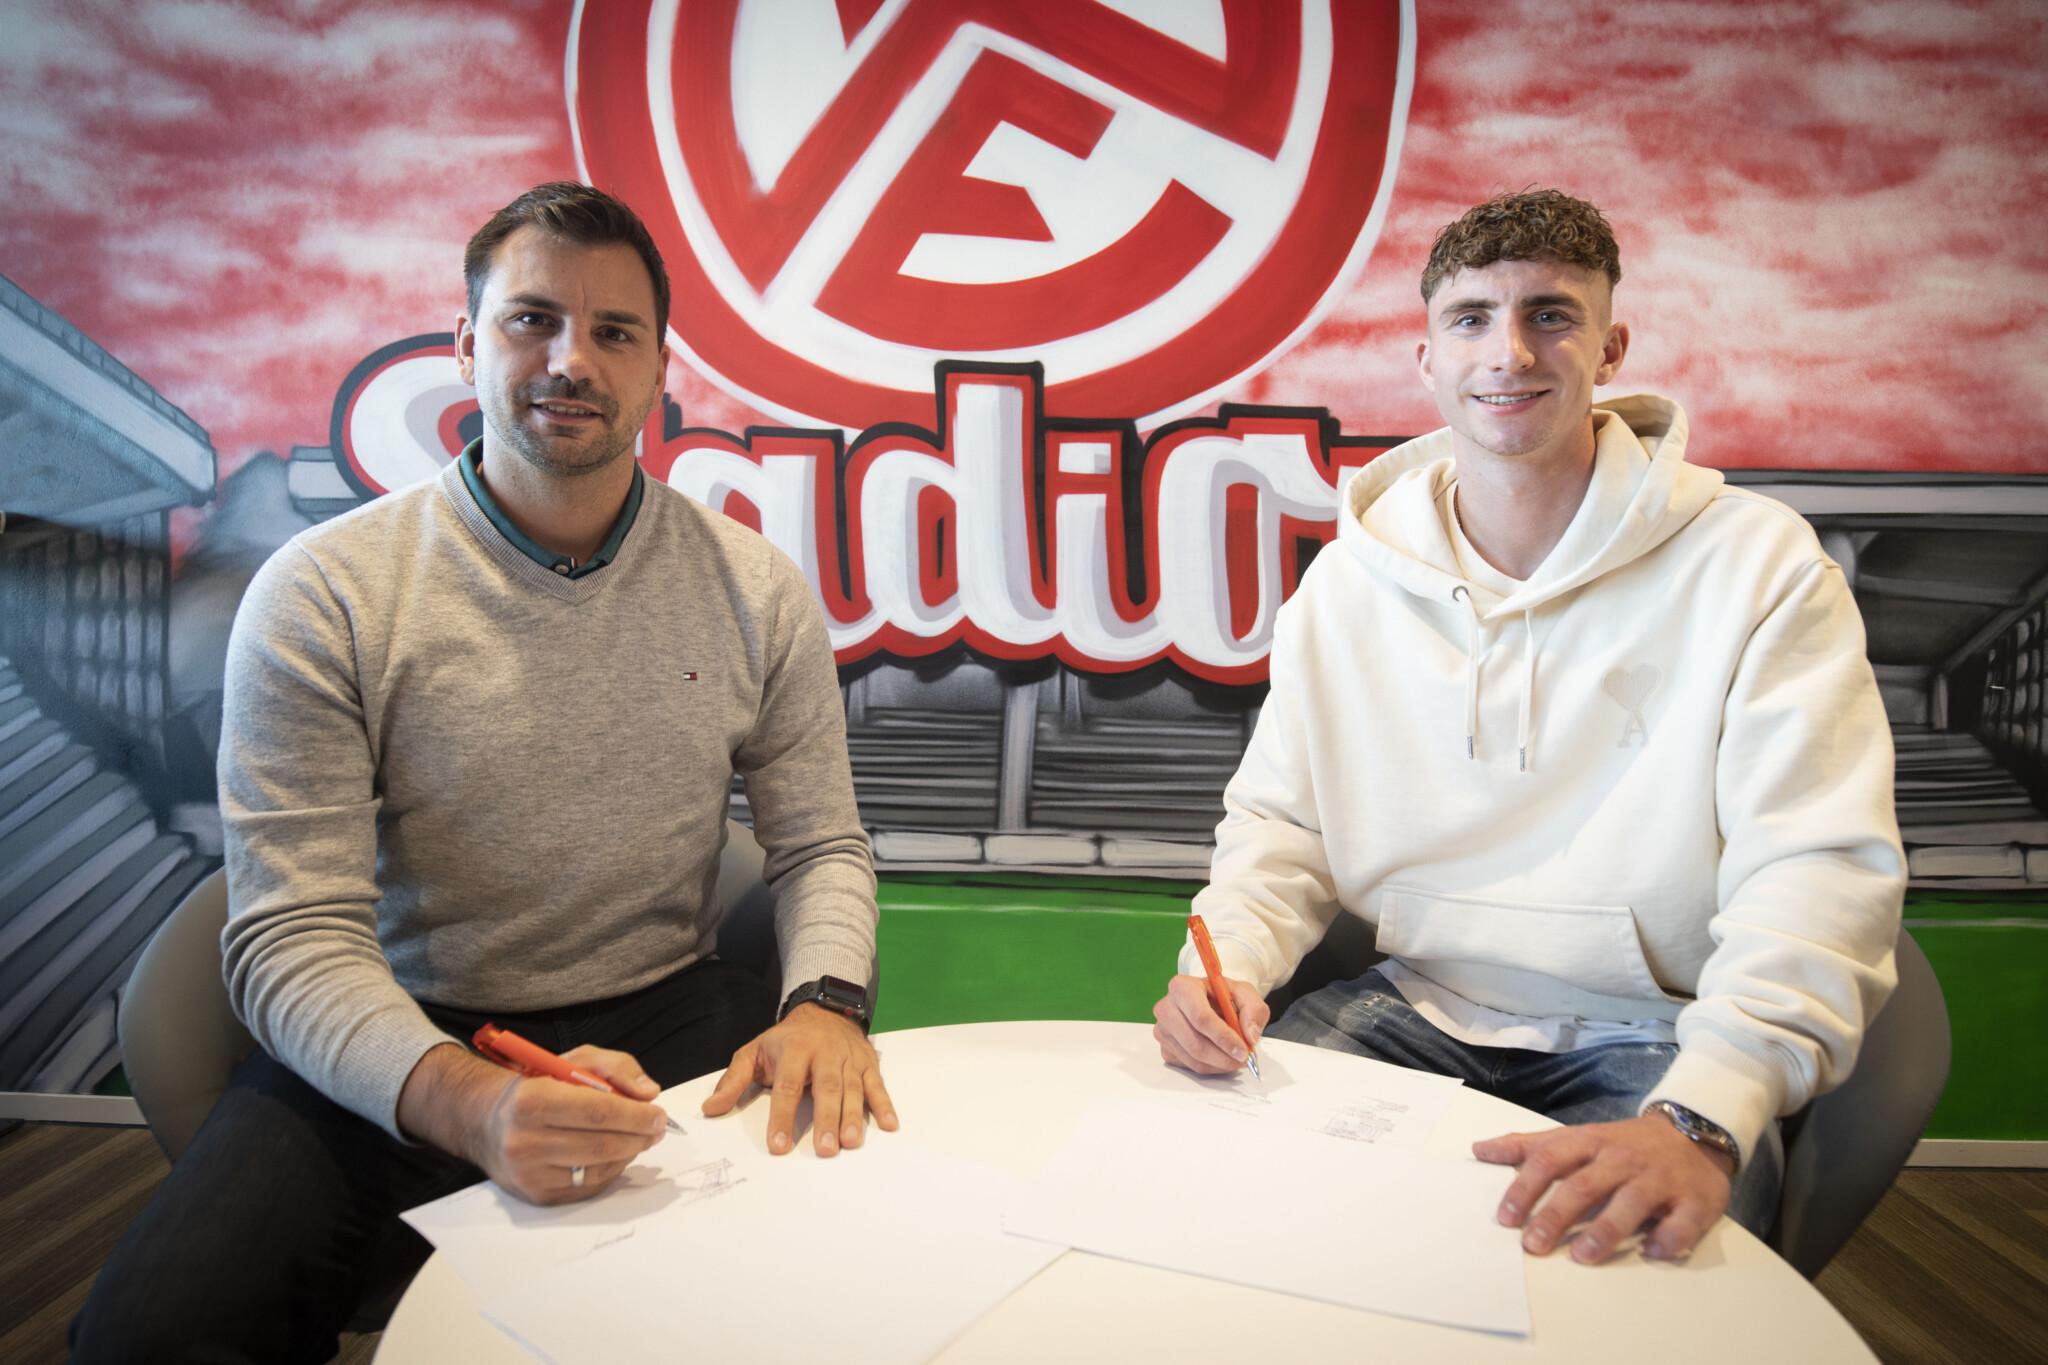 Jörn Nowak und Niklas Tarnat bei der Vertragsunterzeichnung.